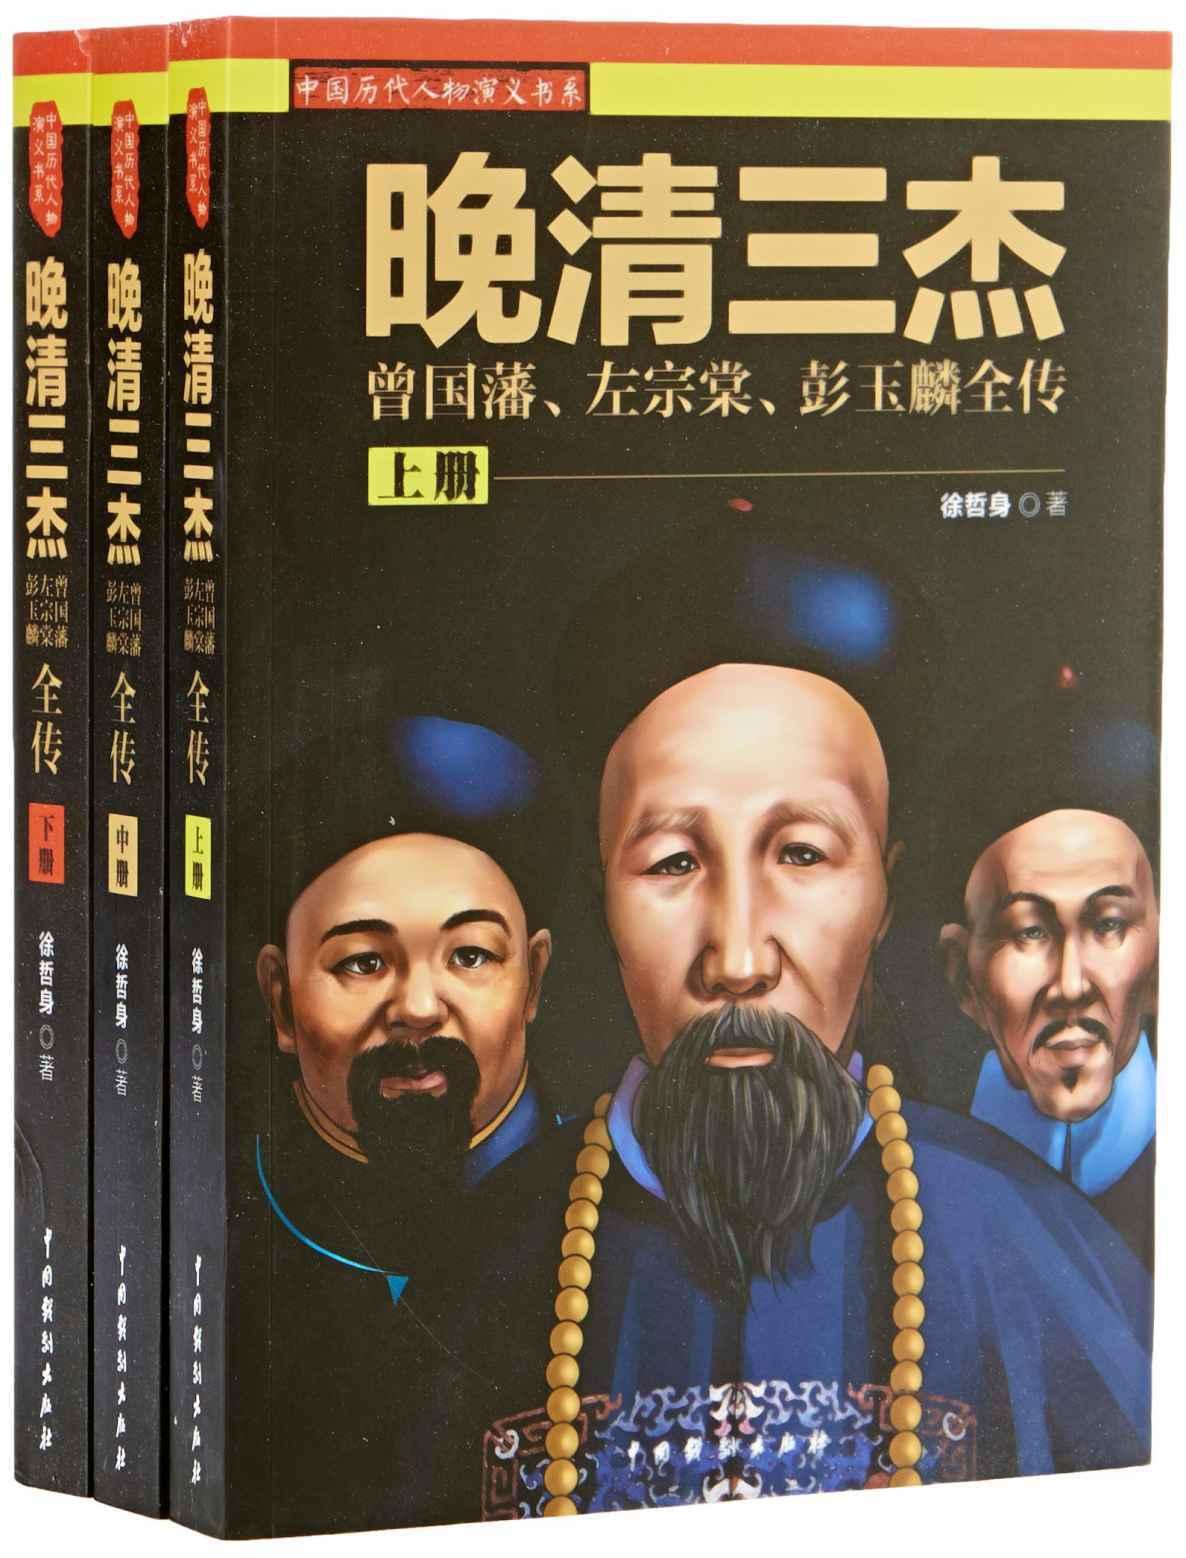 晚清三杰:曾国藩、左宗棠、彭玉麟全传(套装全3册)pdf-epub-mobi-txt-azw3